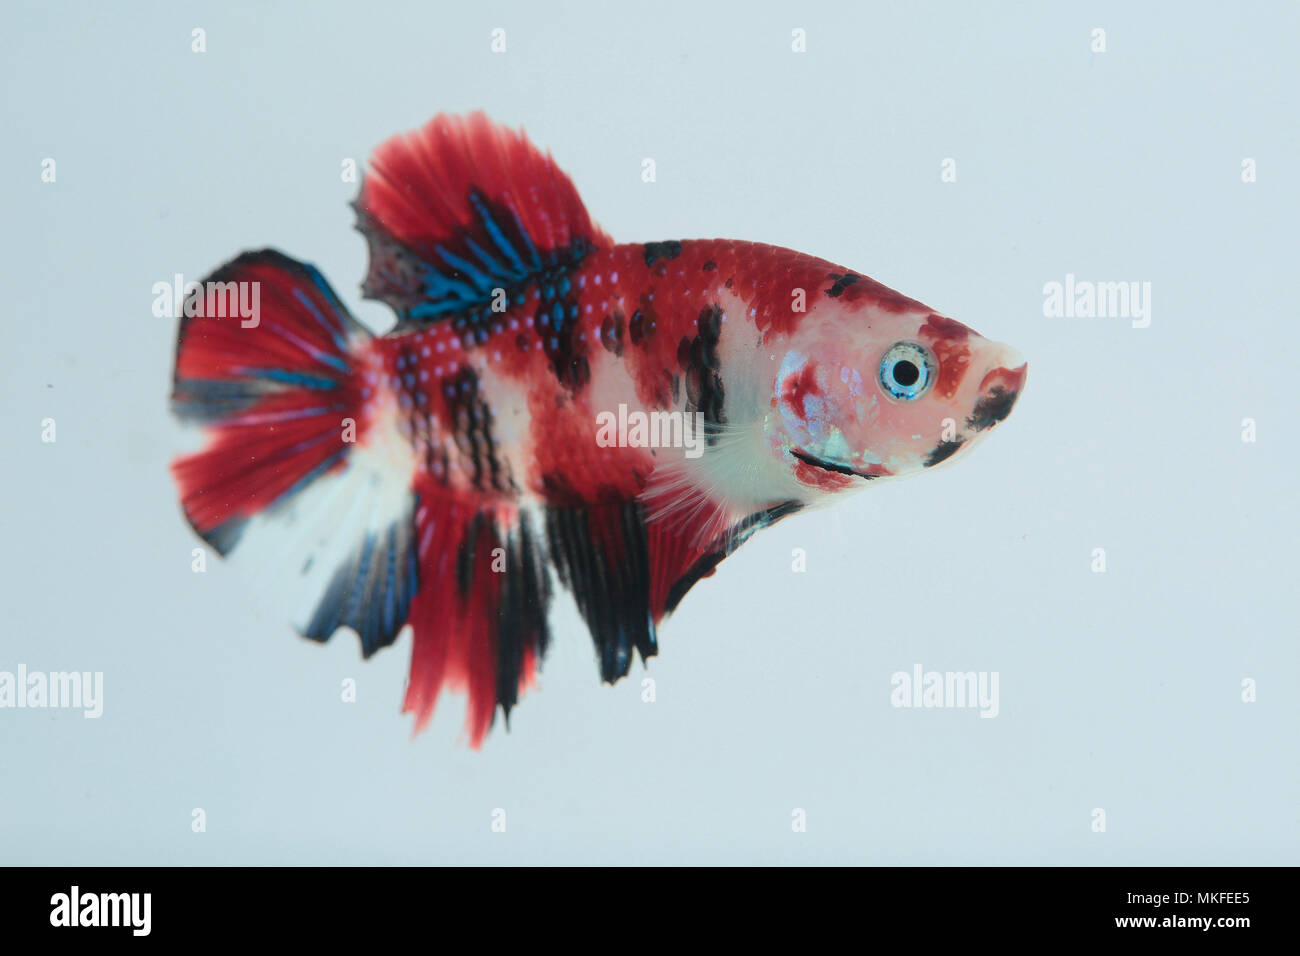 Betta 'Plakat Koi' Stock Photo